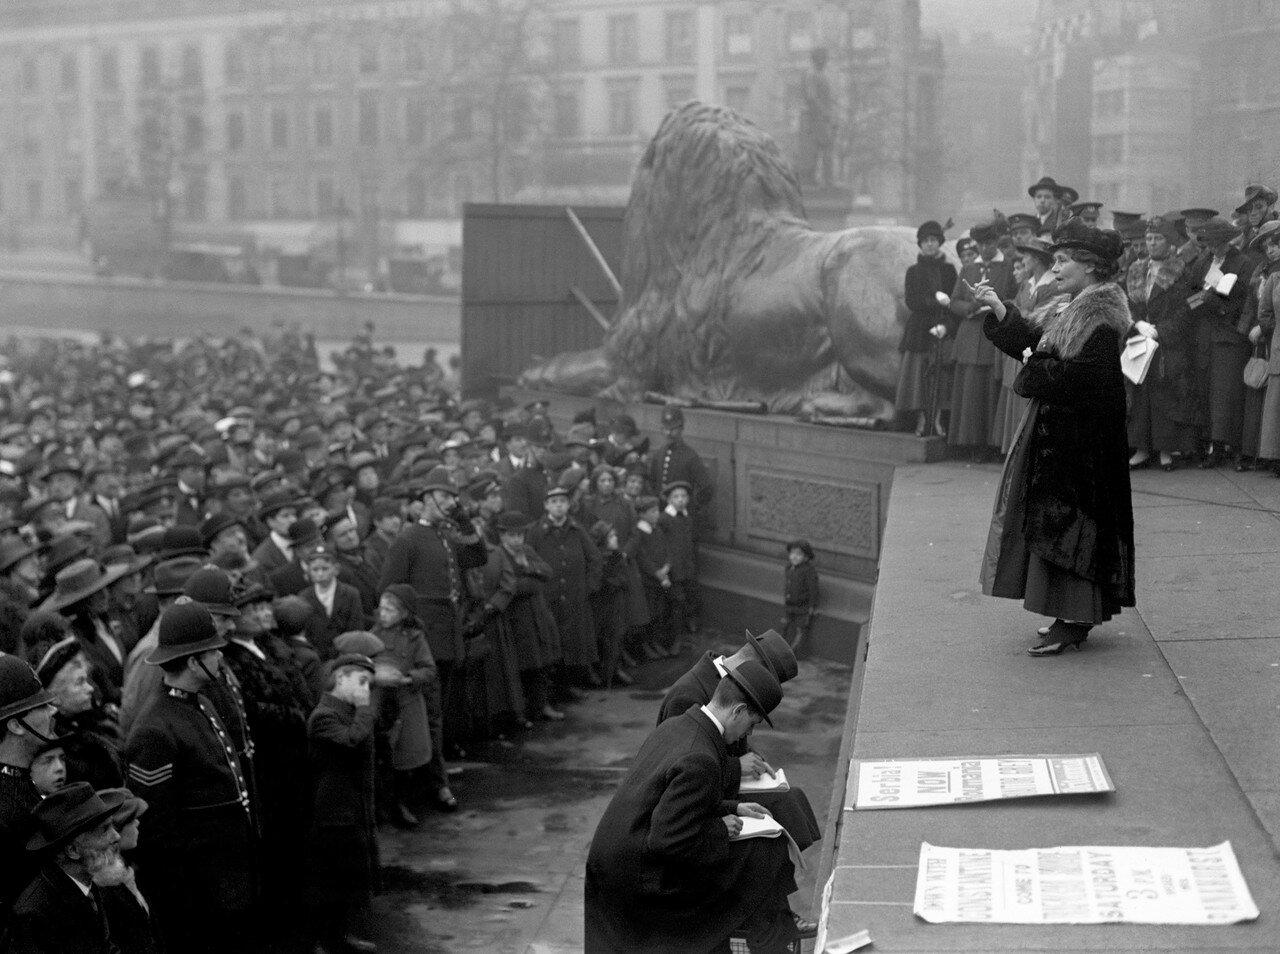 1916. Сильвия Панкхерст выступает на большом митинге во время Румынского кризиса, и призывает правительство поддержать союзников Британии на Балканах